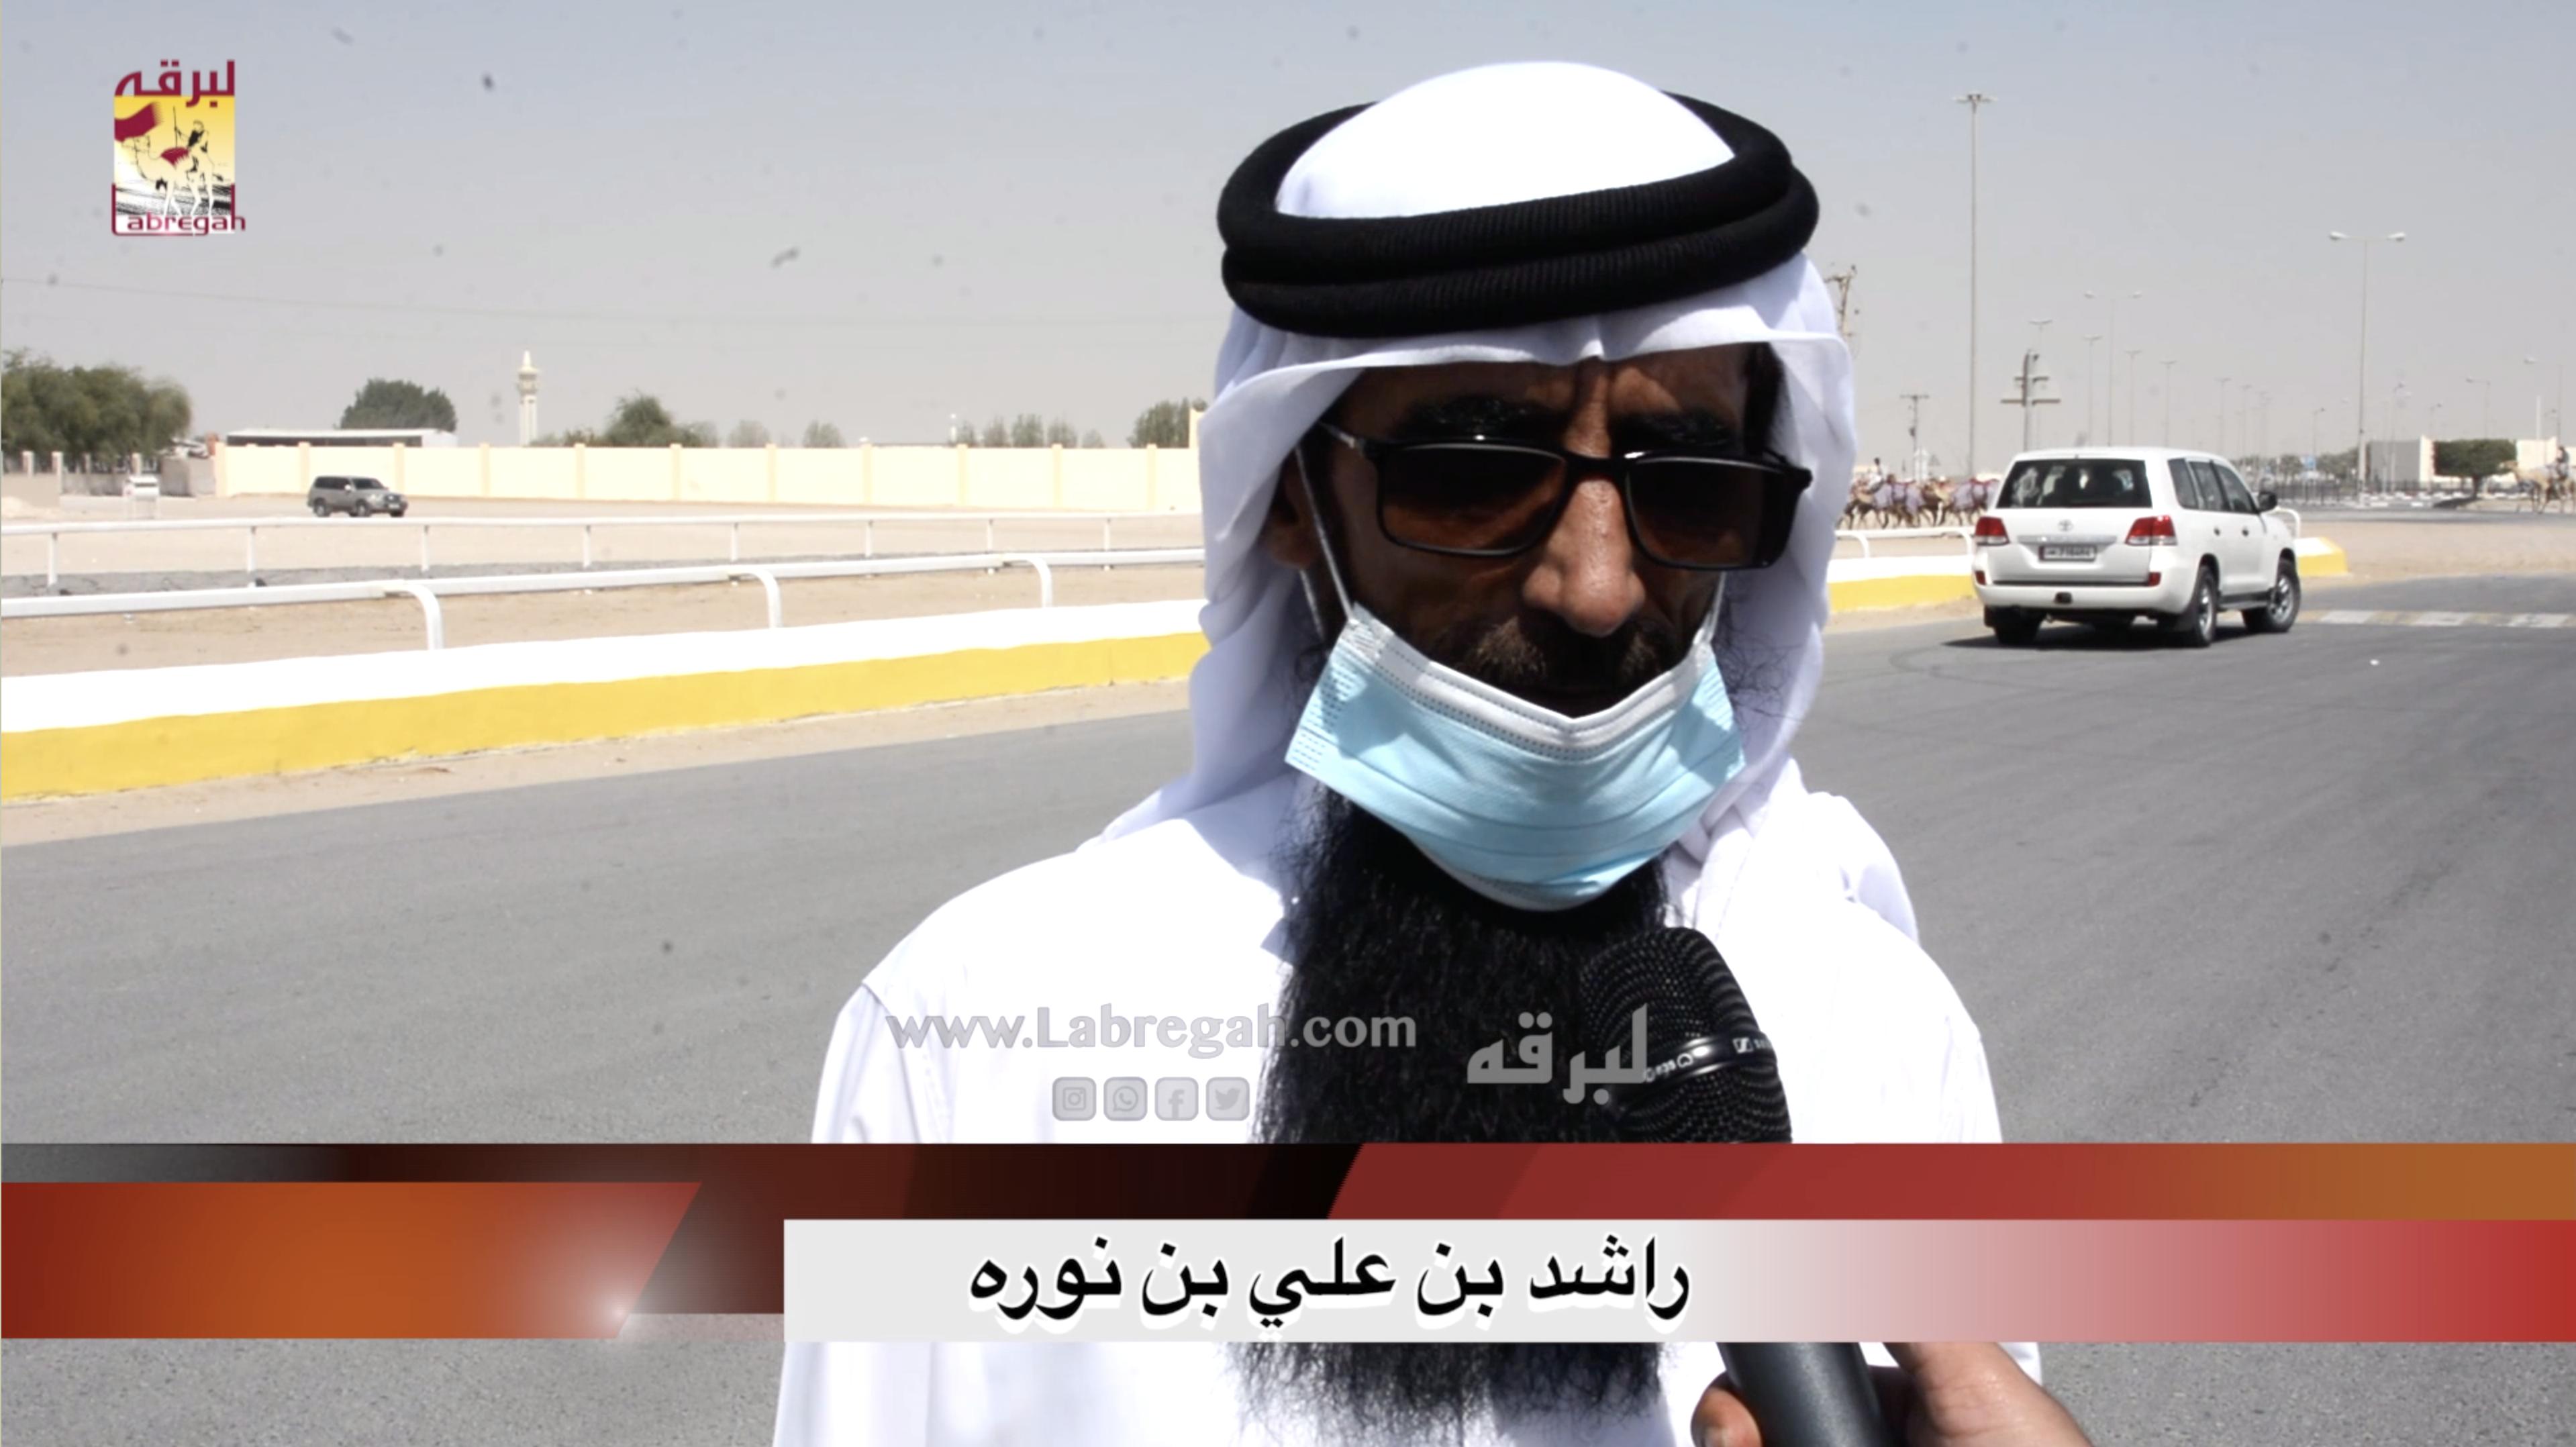 لقاء مع راشد بن علي بن نوره الفائز بالشوط الرئيسي للقايا قعدان إنتاج صباح ٧-٩-٢٠٢٠